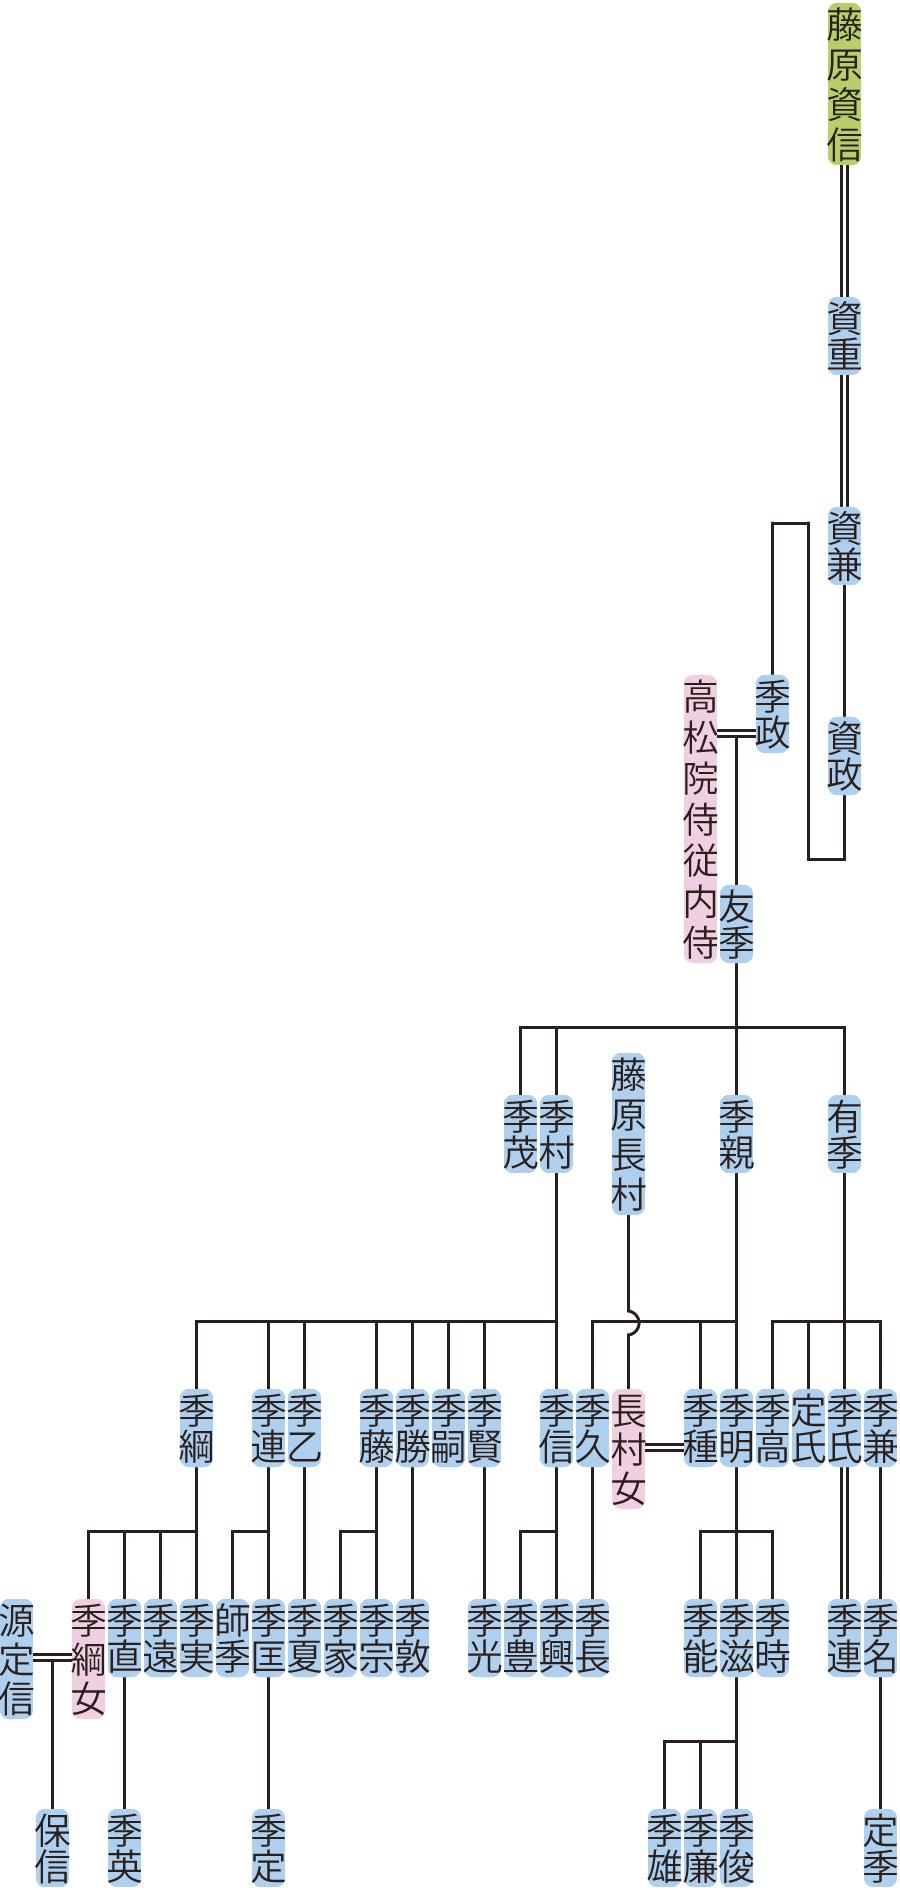 藤原資兼の系図